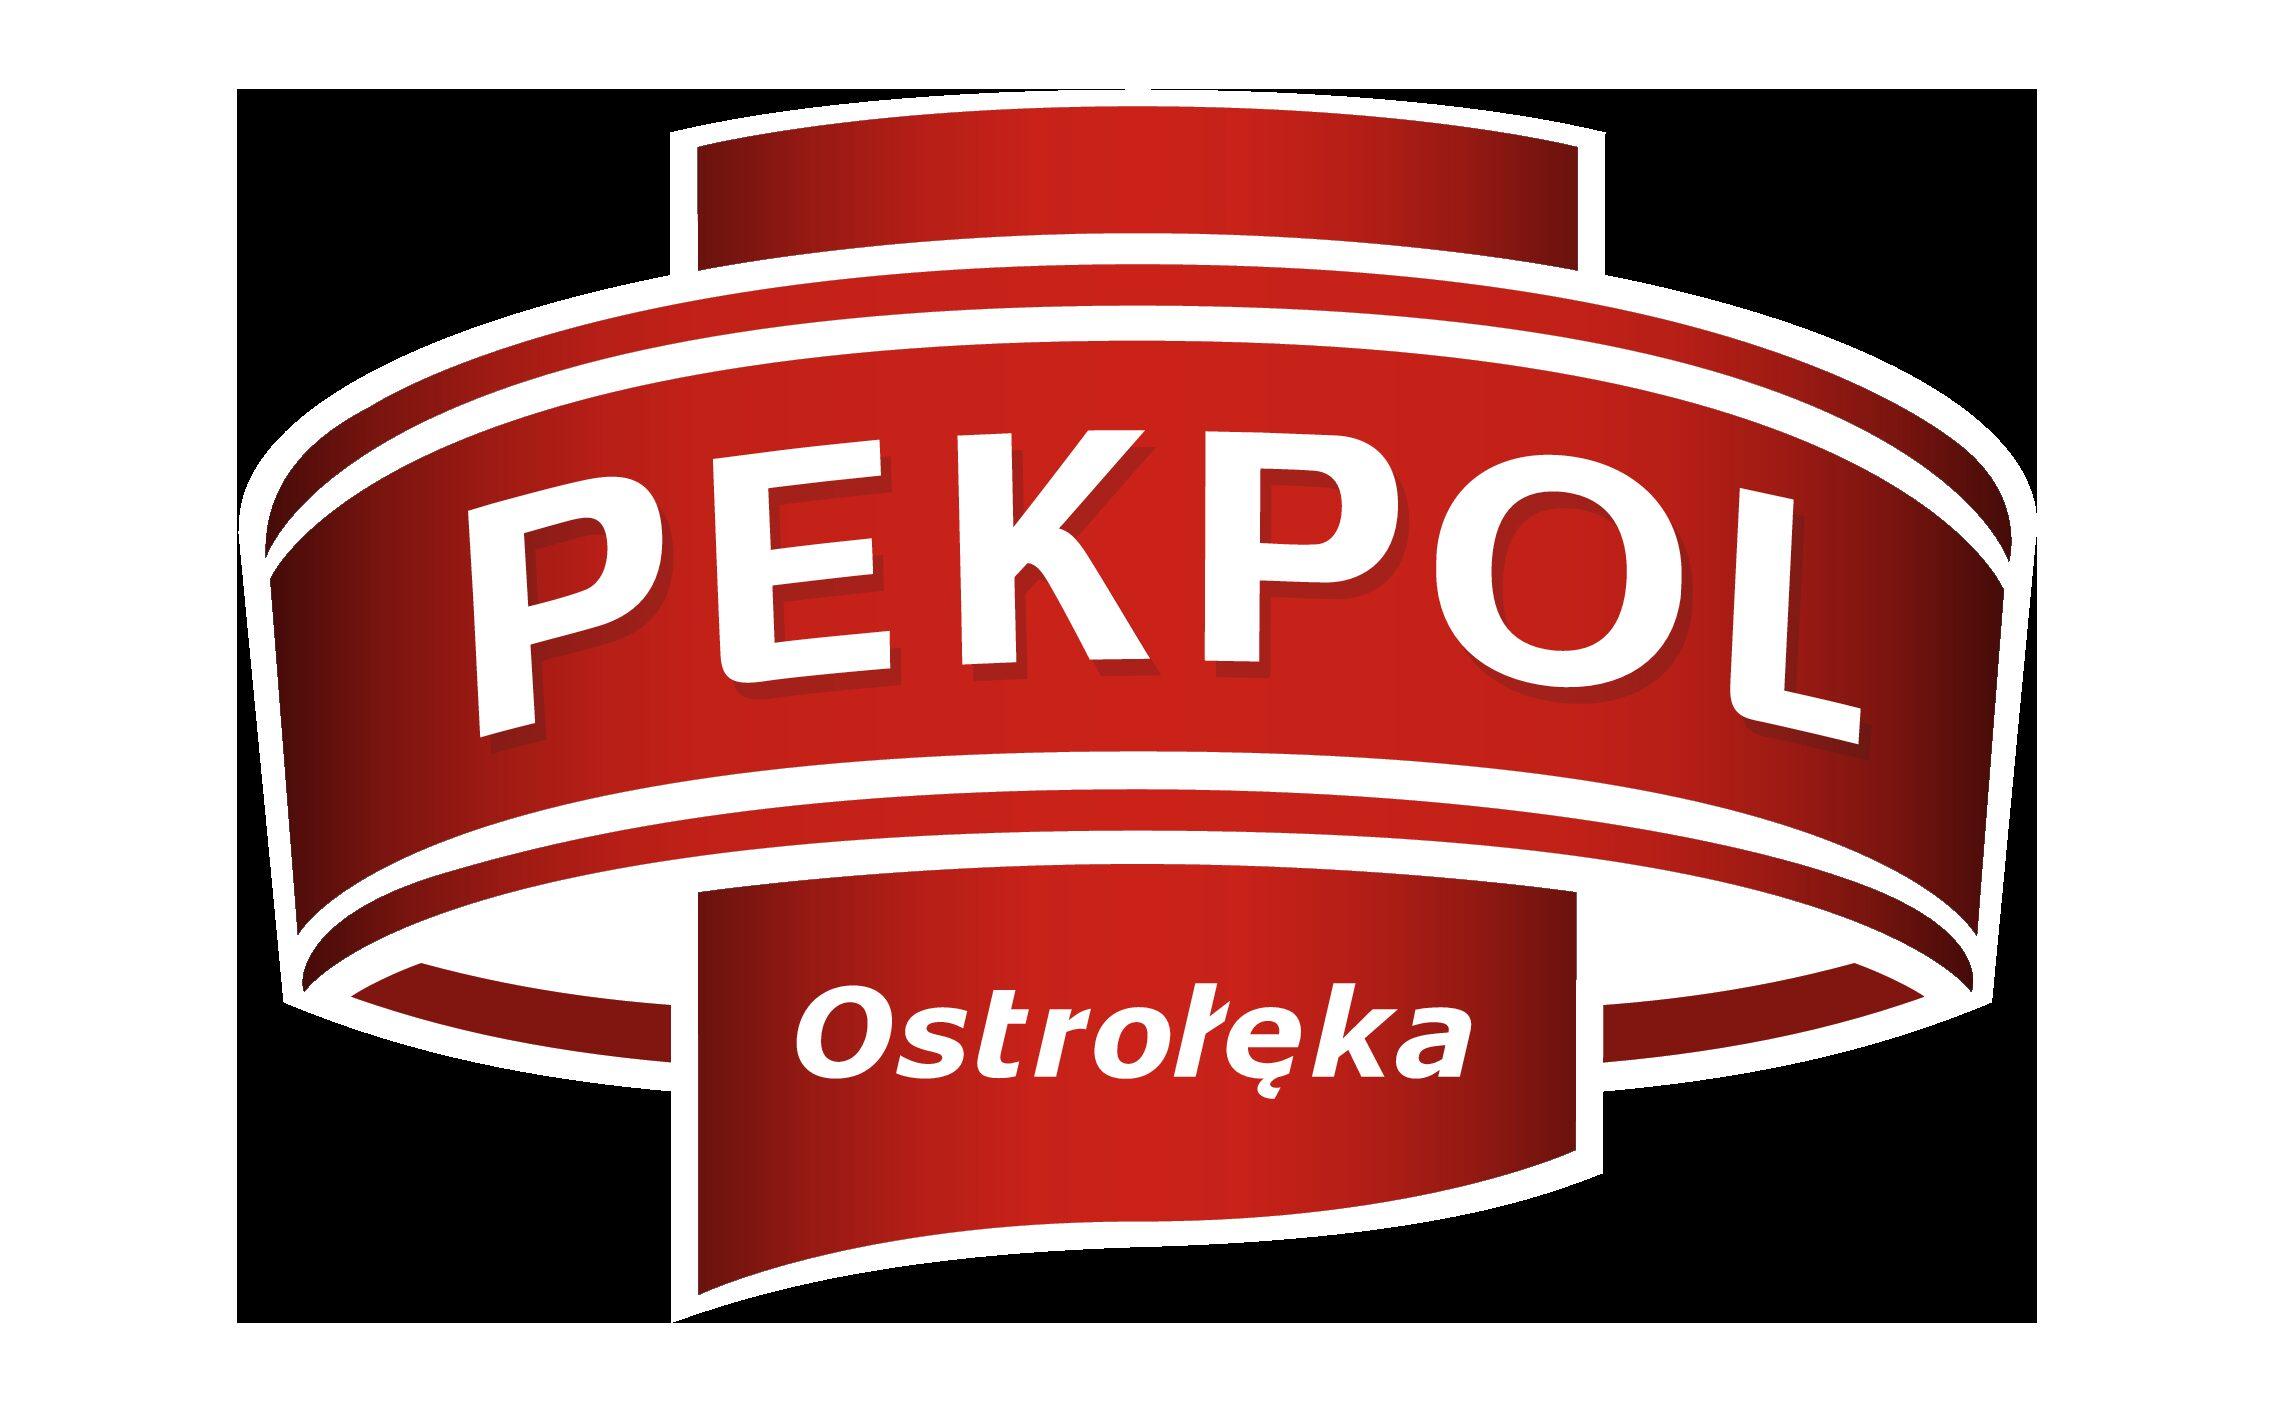 """PEKPOL Zakłady Mięsne """"PEKPOL Ostrołęka"""" S.A."""